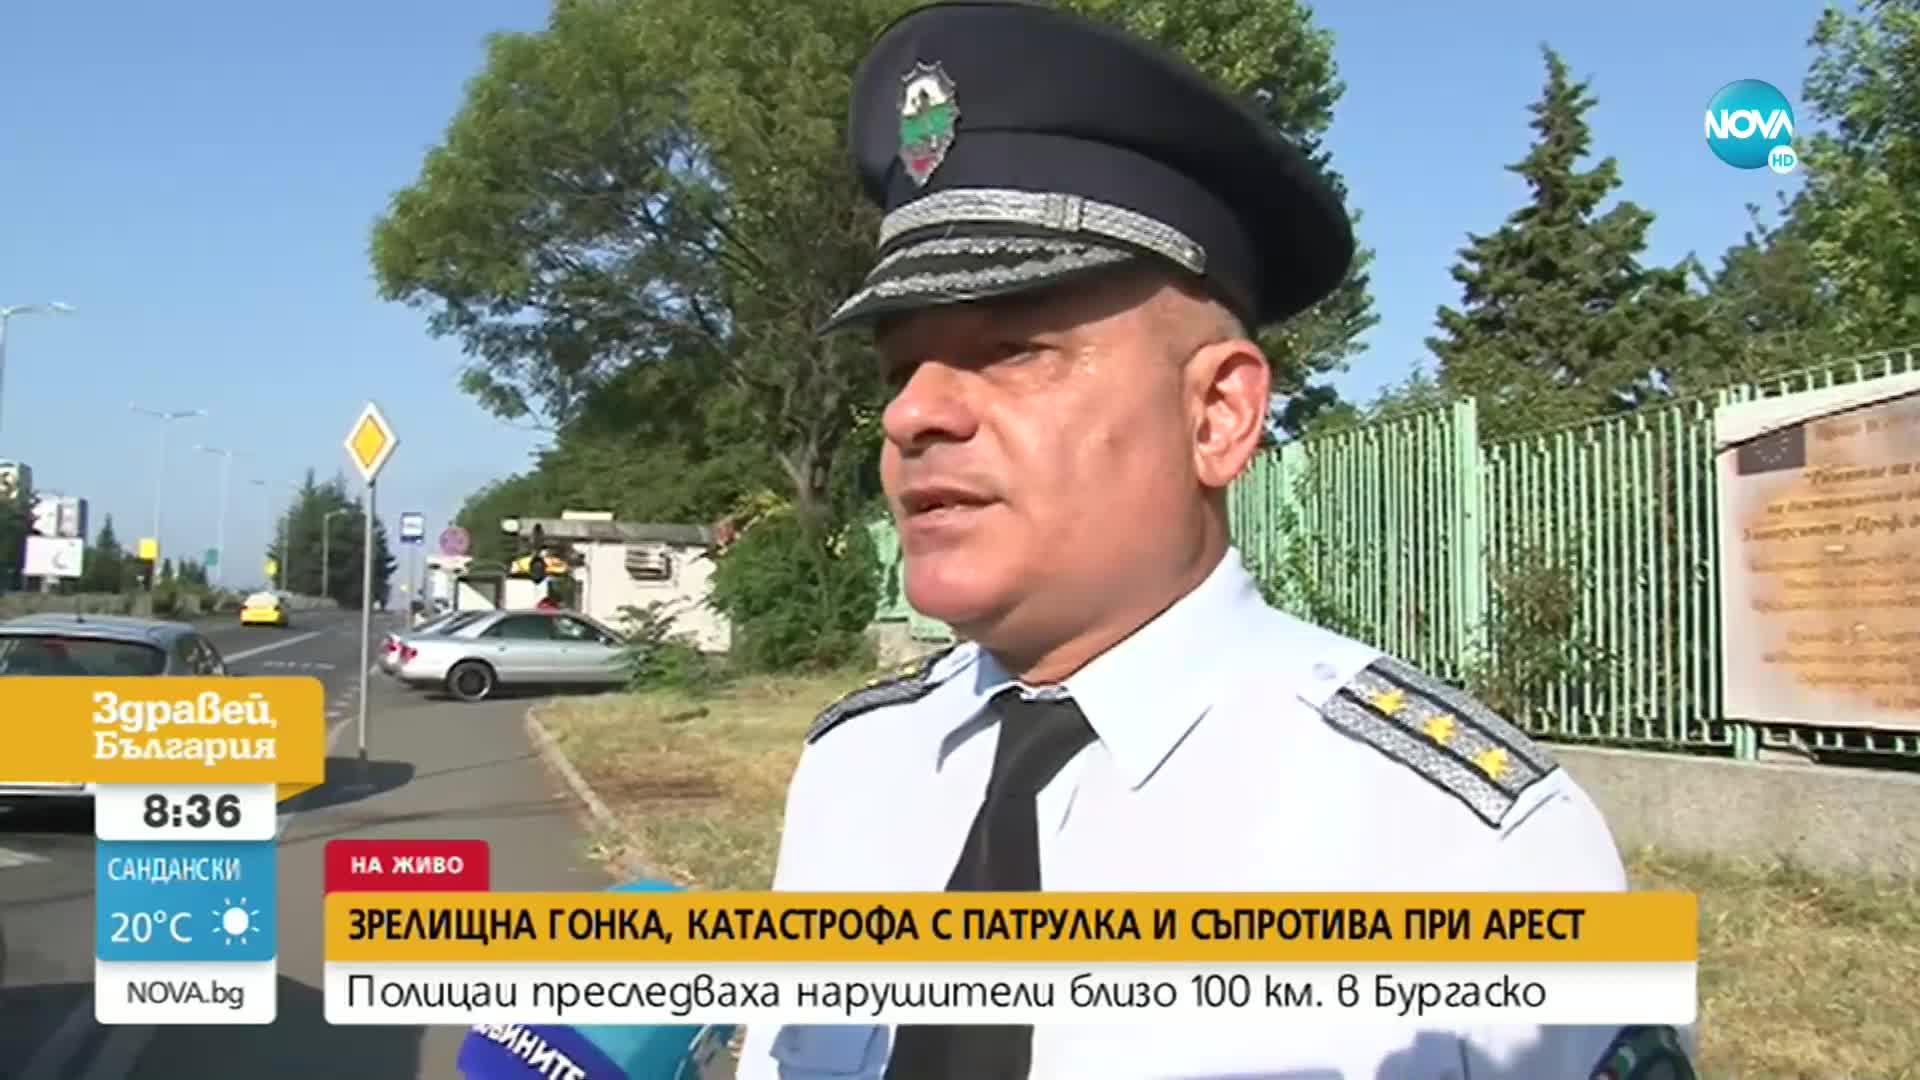 Двама криминално проявени спретнаха 100 км гонка с полицията